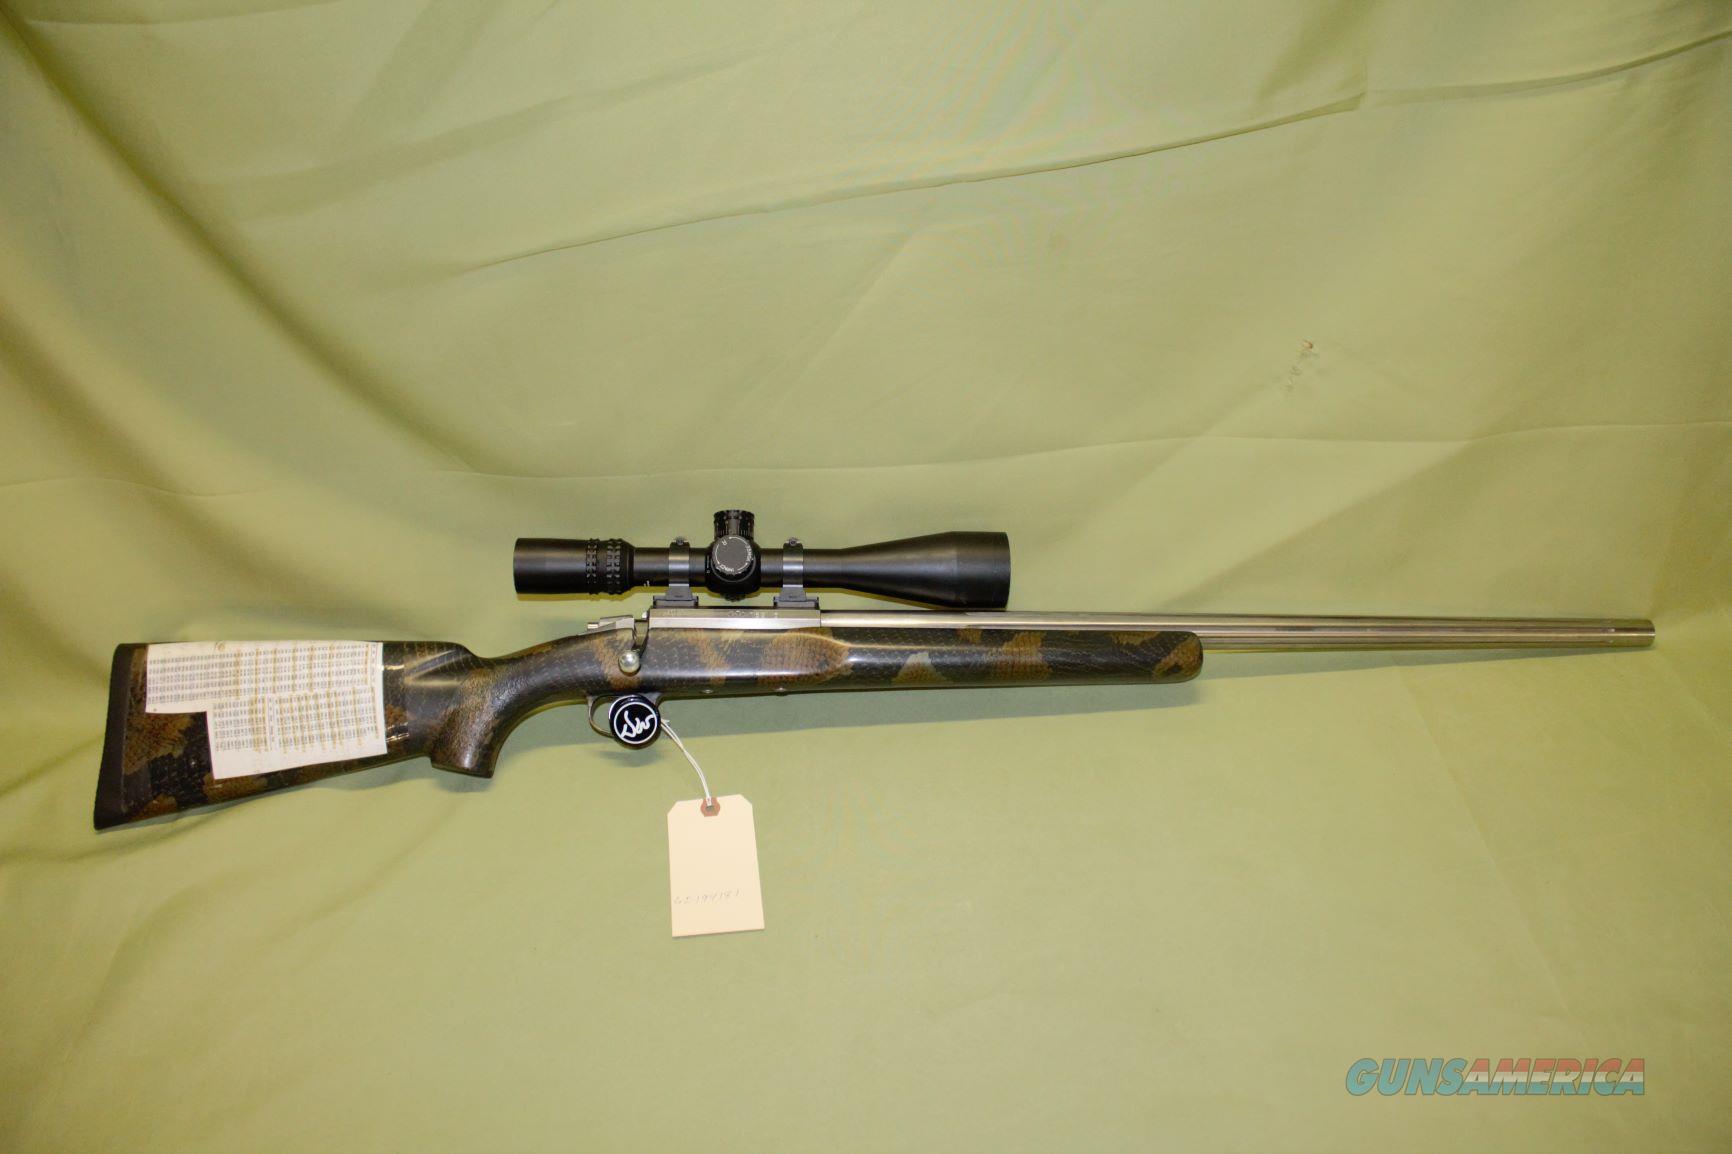 Nesika 6.5x284 Win Benchrest DISCOUNTED!!  Guns > Rifles > Benchrest/Varmint Rifles Misc.